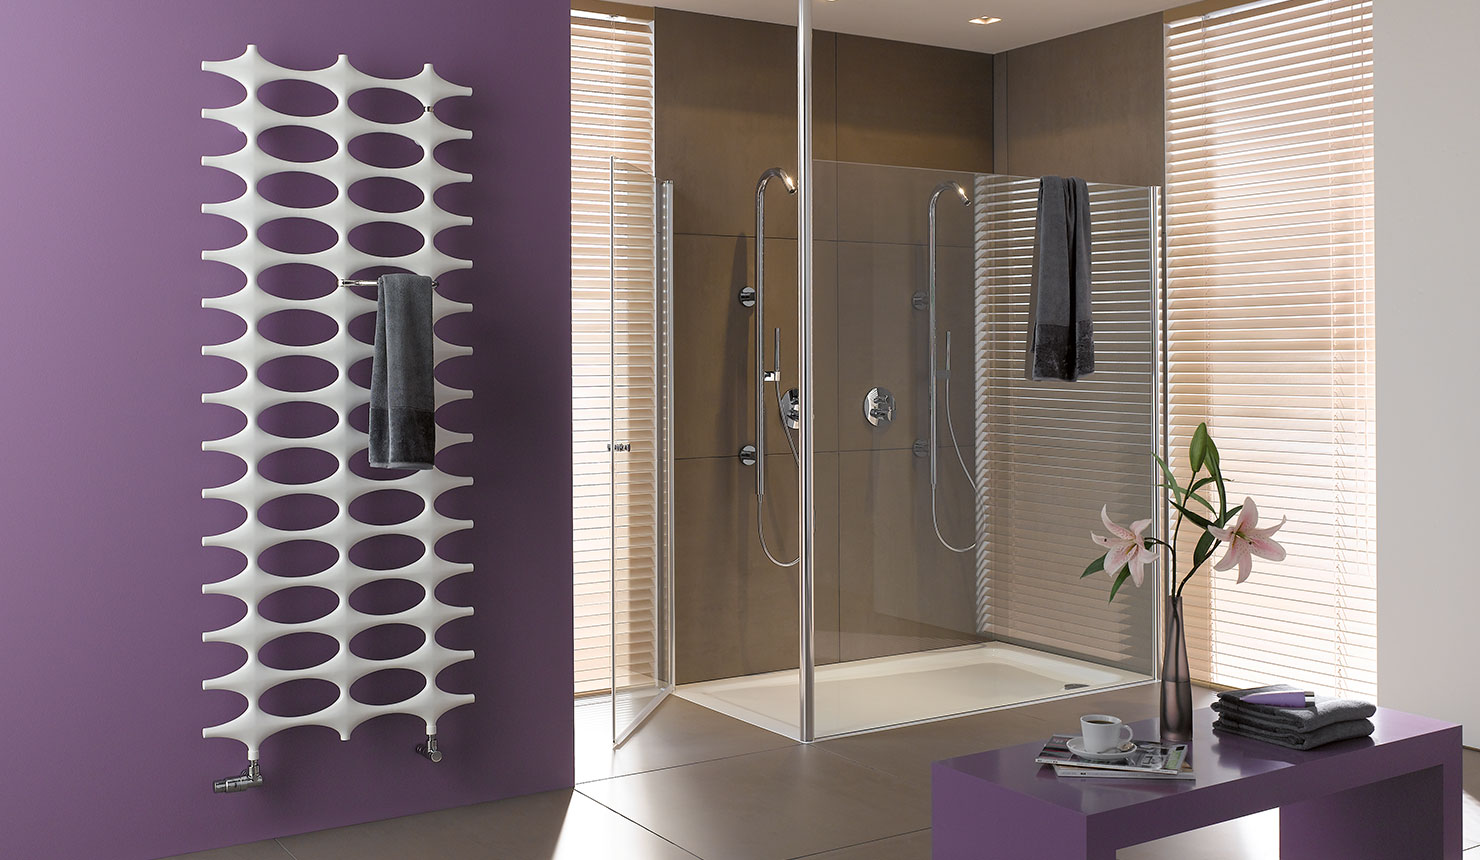 Full Size of Kermi Heizkörper Ideos Design Und Badheizkrper Wohnzimmer Für Bad Elektroheizkörper Badezimmer Wohnzimmer Kermi Heizkörper